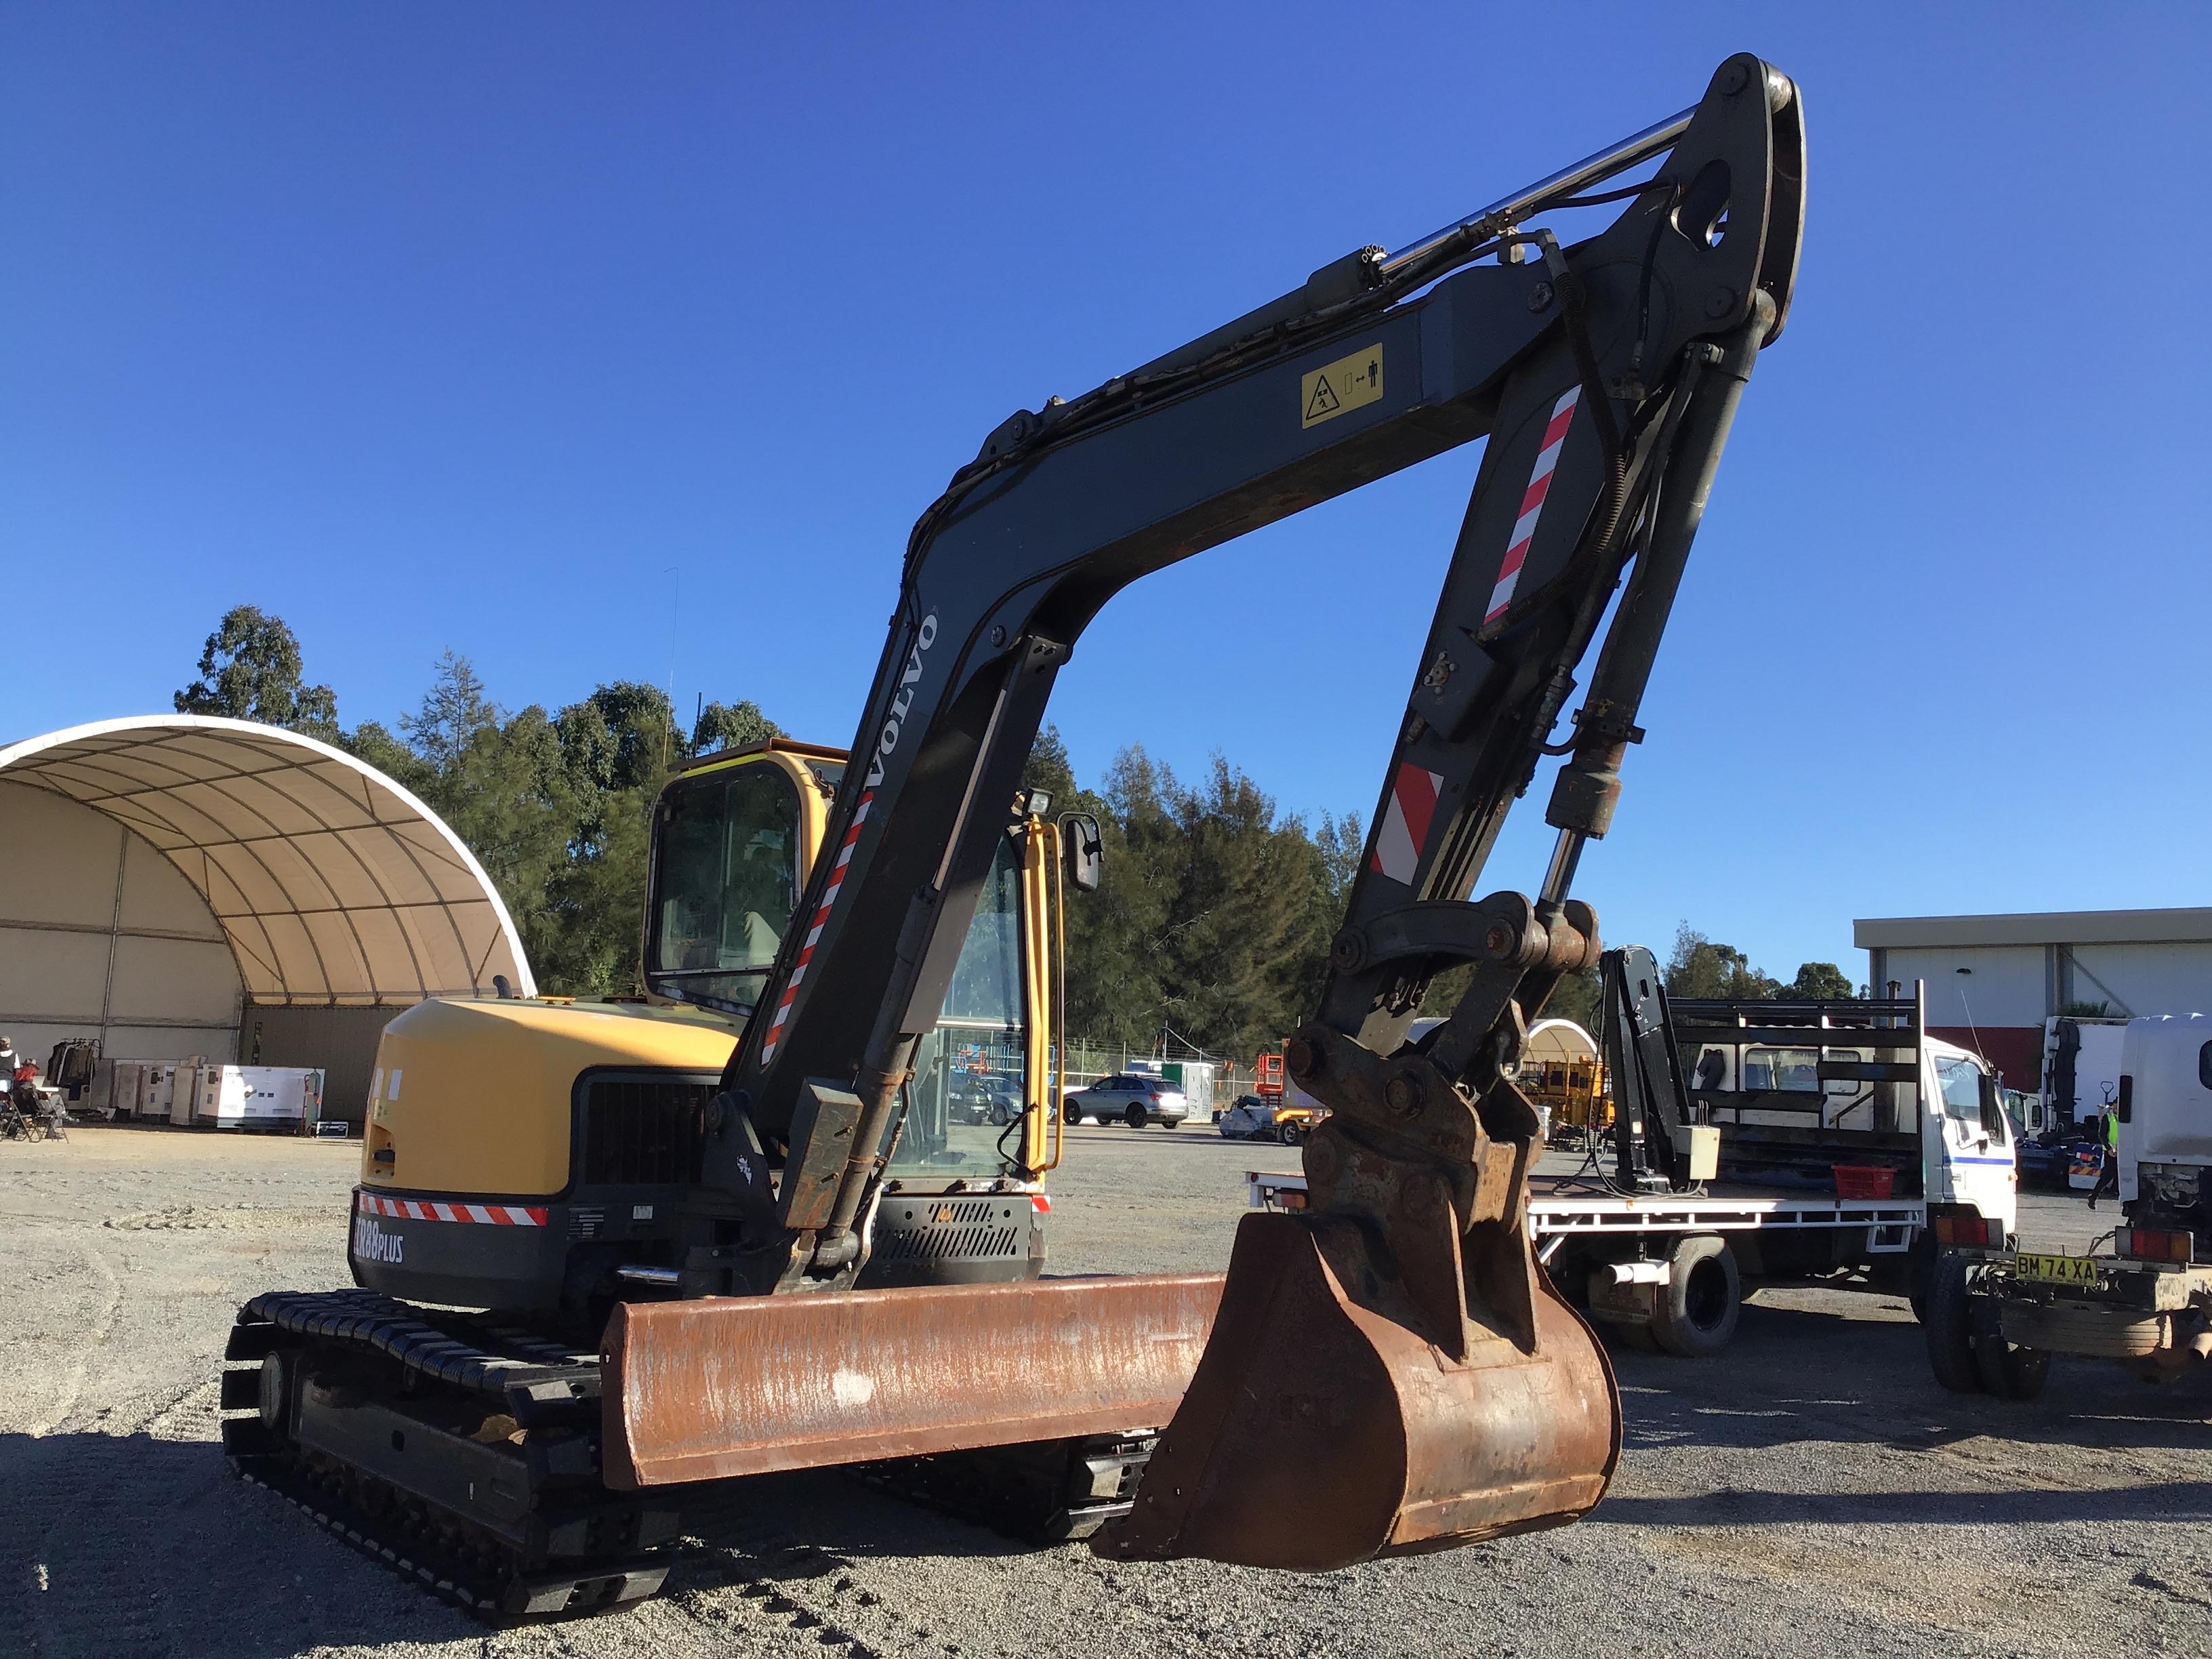 2012 Volvo ECR88 Plus Excavator